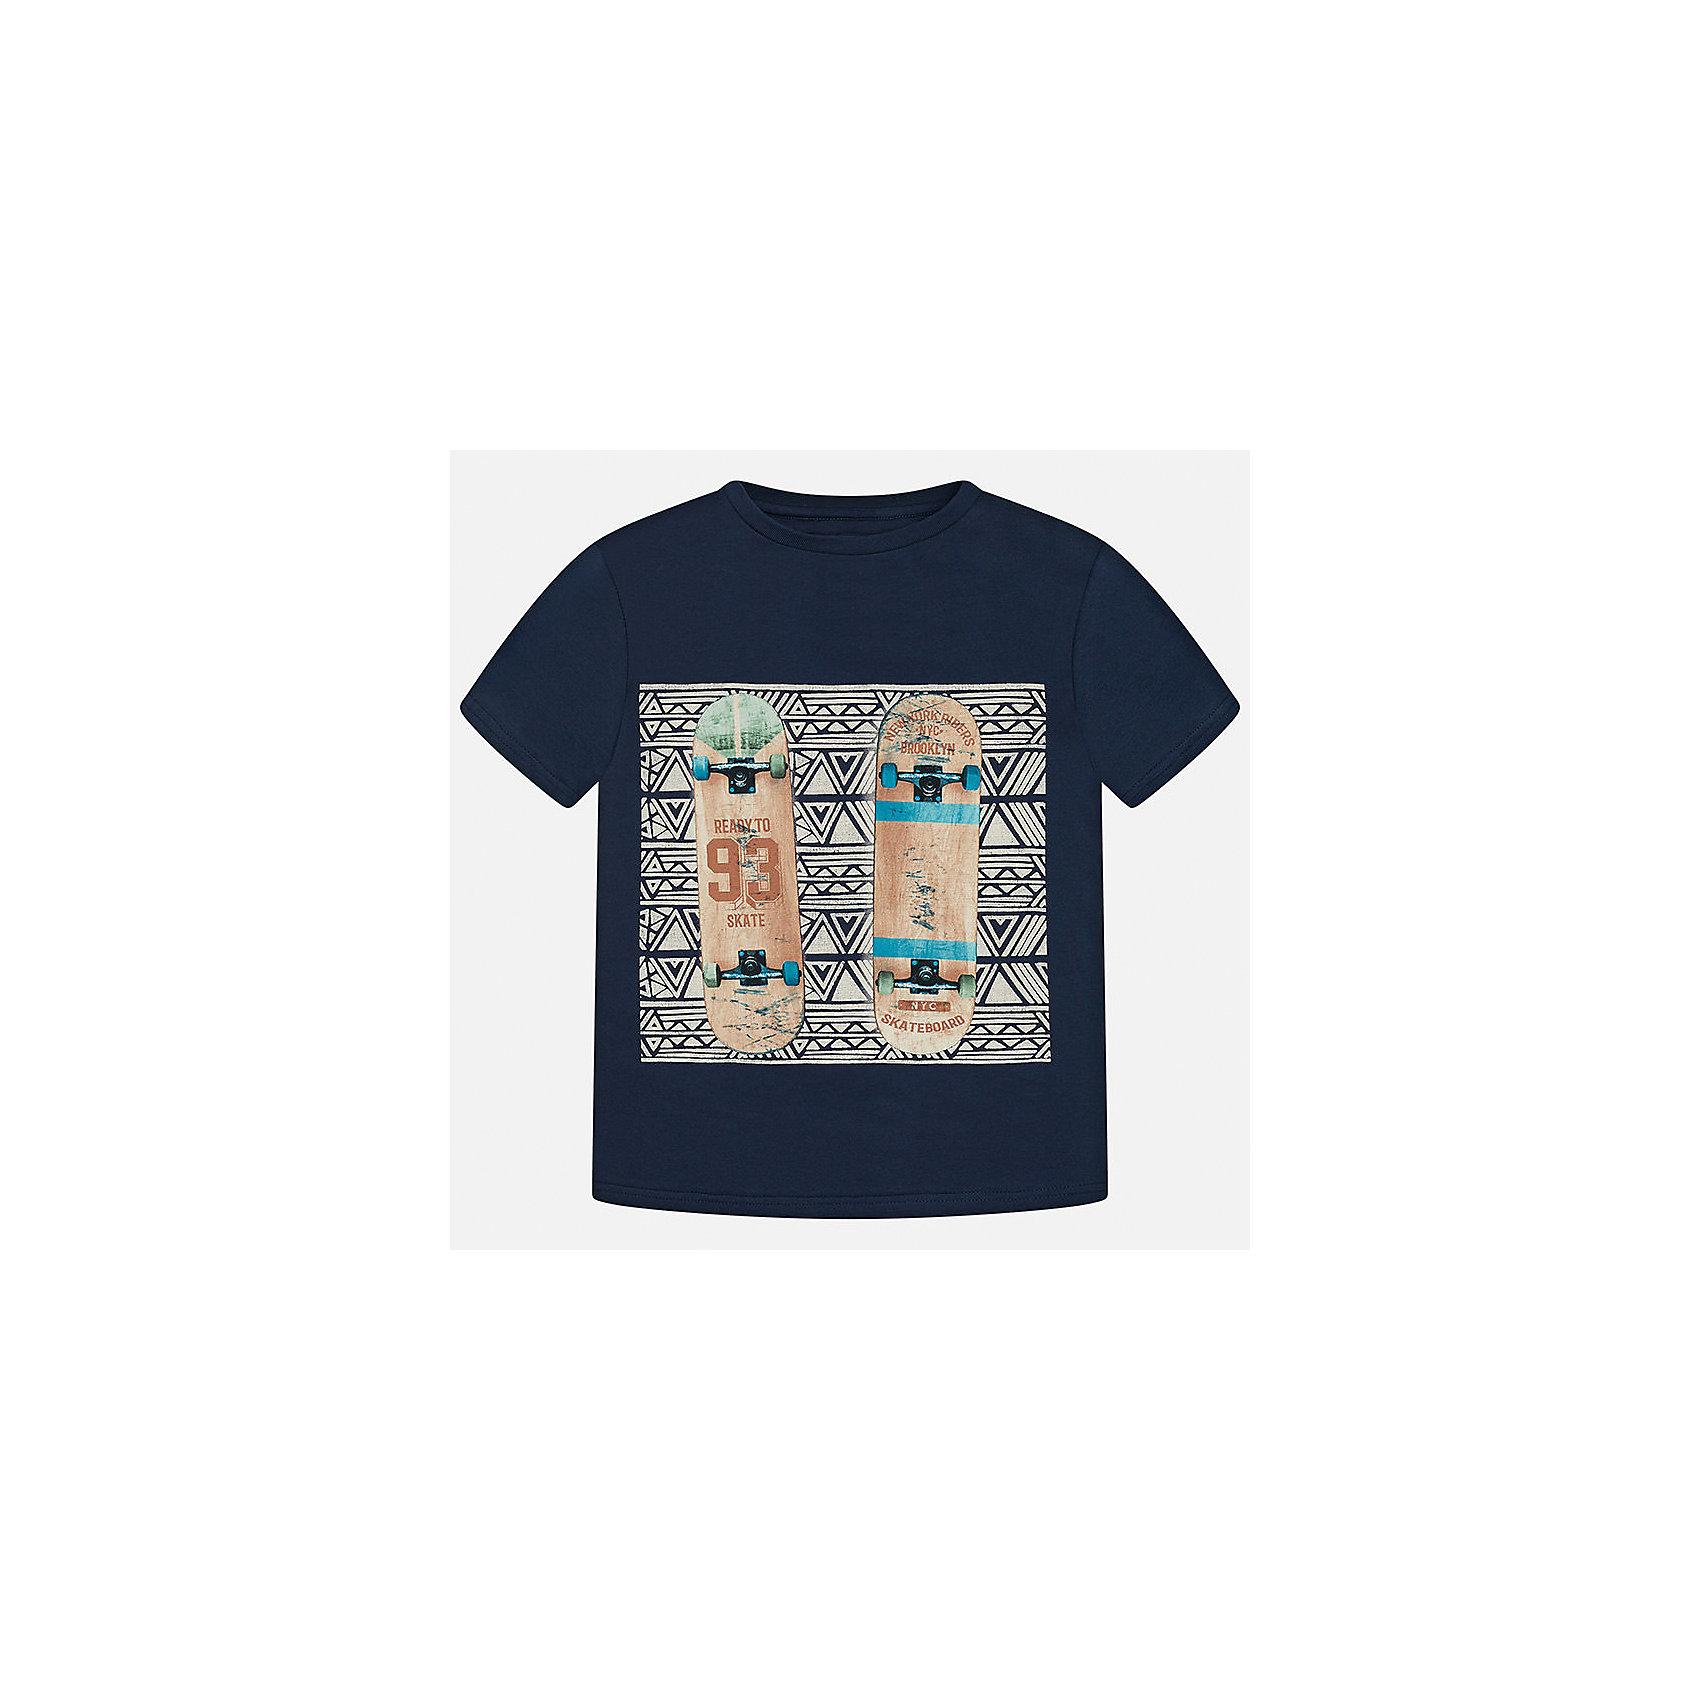 Футболка для мальчика MayoralФутболки, поло и топы<br>Характеристики товара:<br><br>• цвет: синий<br>• состав: 100% хлопок<br>• круглый горловой вырез<br>• декорирована принтом<br>• короткие рукава<br>• мягкая отделка горловины<br>• страна бренда: Испания<br><br>Стильная удобная футболка с принтом поможет разнообразить гардероб мальчика. Она отлично сочетается с брюками, шортами, джинсами. Универсальный крой и цвет позволяет подобрать к вещи низ разных расцветок. Практичное и стильное изделие! Хорошо смотрится и комфортно сидит на детях. В составе материала - только натуральный хлопок, гипоаллергенный, приятный на ощупь, дышащий. <br><br>Одежда, обувь и аксессуары от испанского бренда Mayoral полюбились детям и взрослым по всему миру. Модели этой марки - стильные и удобные. Для их производства используются только безопасные, качественные материалы и фурнитура. Порадуйте ребенка модными и красивыми вещами от Mayoral! <br><br>Футболку для мальчика от испанского бренда Mayoral (Майорал) можно купить в нашем интернет-магазине.<br><br>Ширина мм: 199<br>Глубина мм: 10<br>Высота мм: 161<br>Вес г: 151<br>Цвет: синий<br>Возраст от месяцев: 120<br>Возраст до месяцев: 132<br>Пол: Мужской<br>Возраст: Детский<br>Размер: 152,140,128/134,170,164,158<br>SKU: 5281423